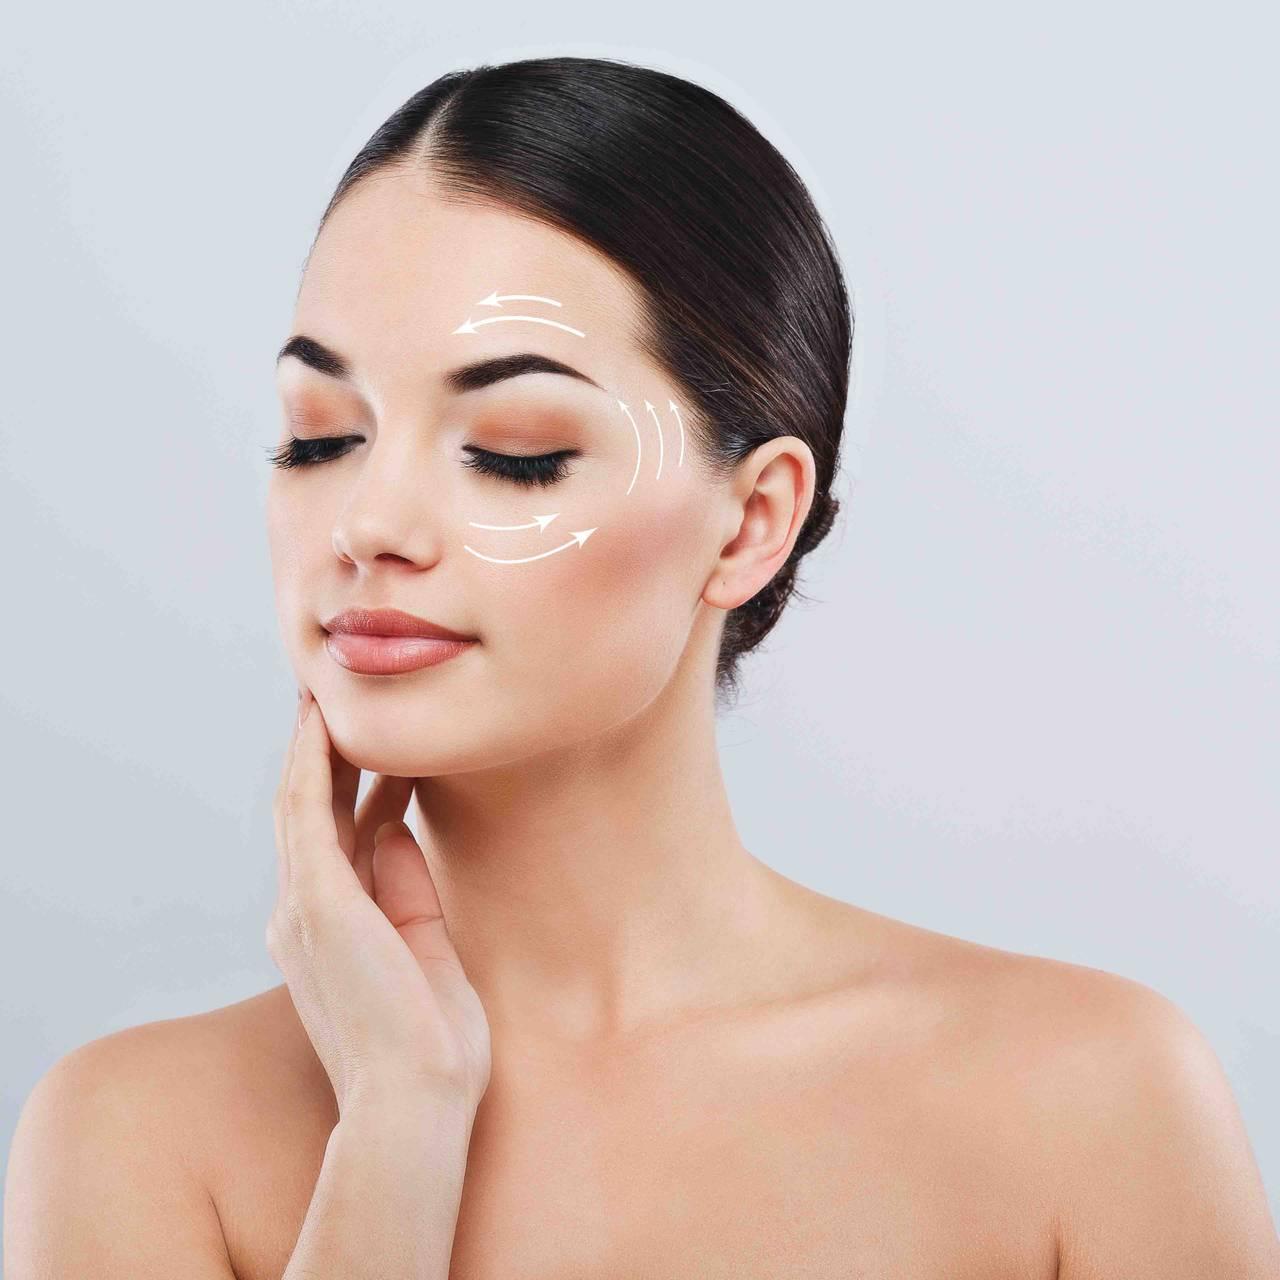 коррекция кожи вокруг глаз, убрать мешки и грыжи под глазами